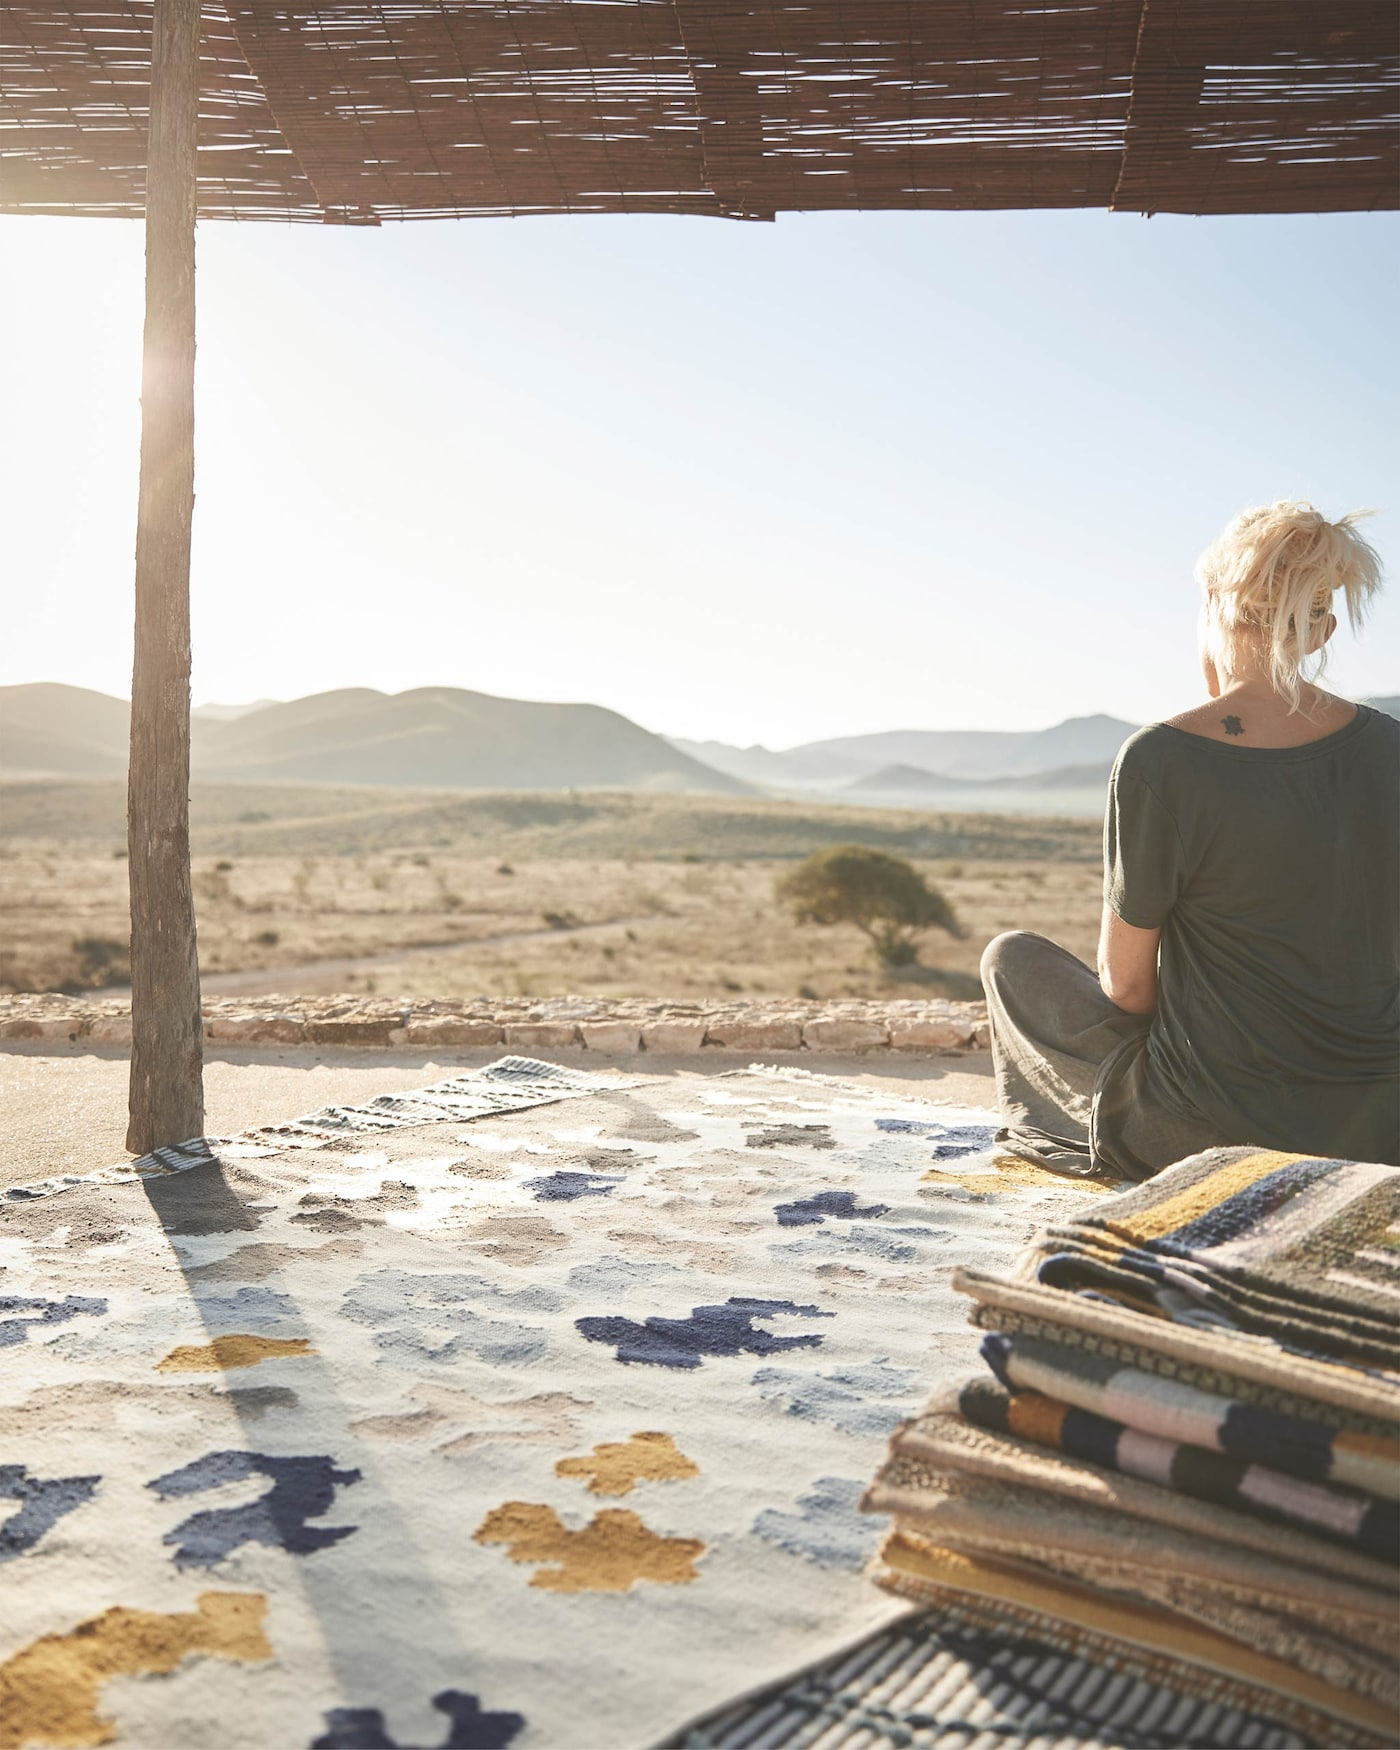 Femme assise à côté d'une pile de tapis sur un tapis 100% laine tissé à la main. Elle observe un paysage inondé de soleil.